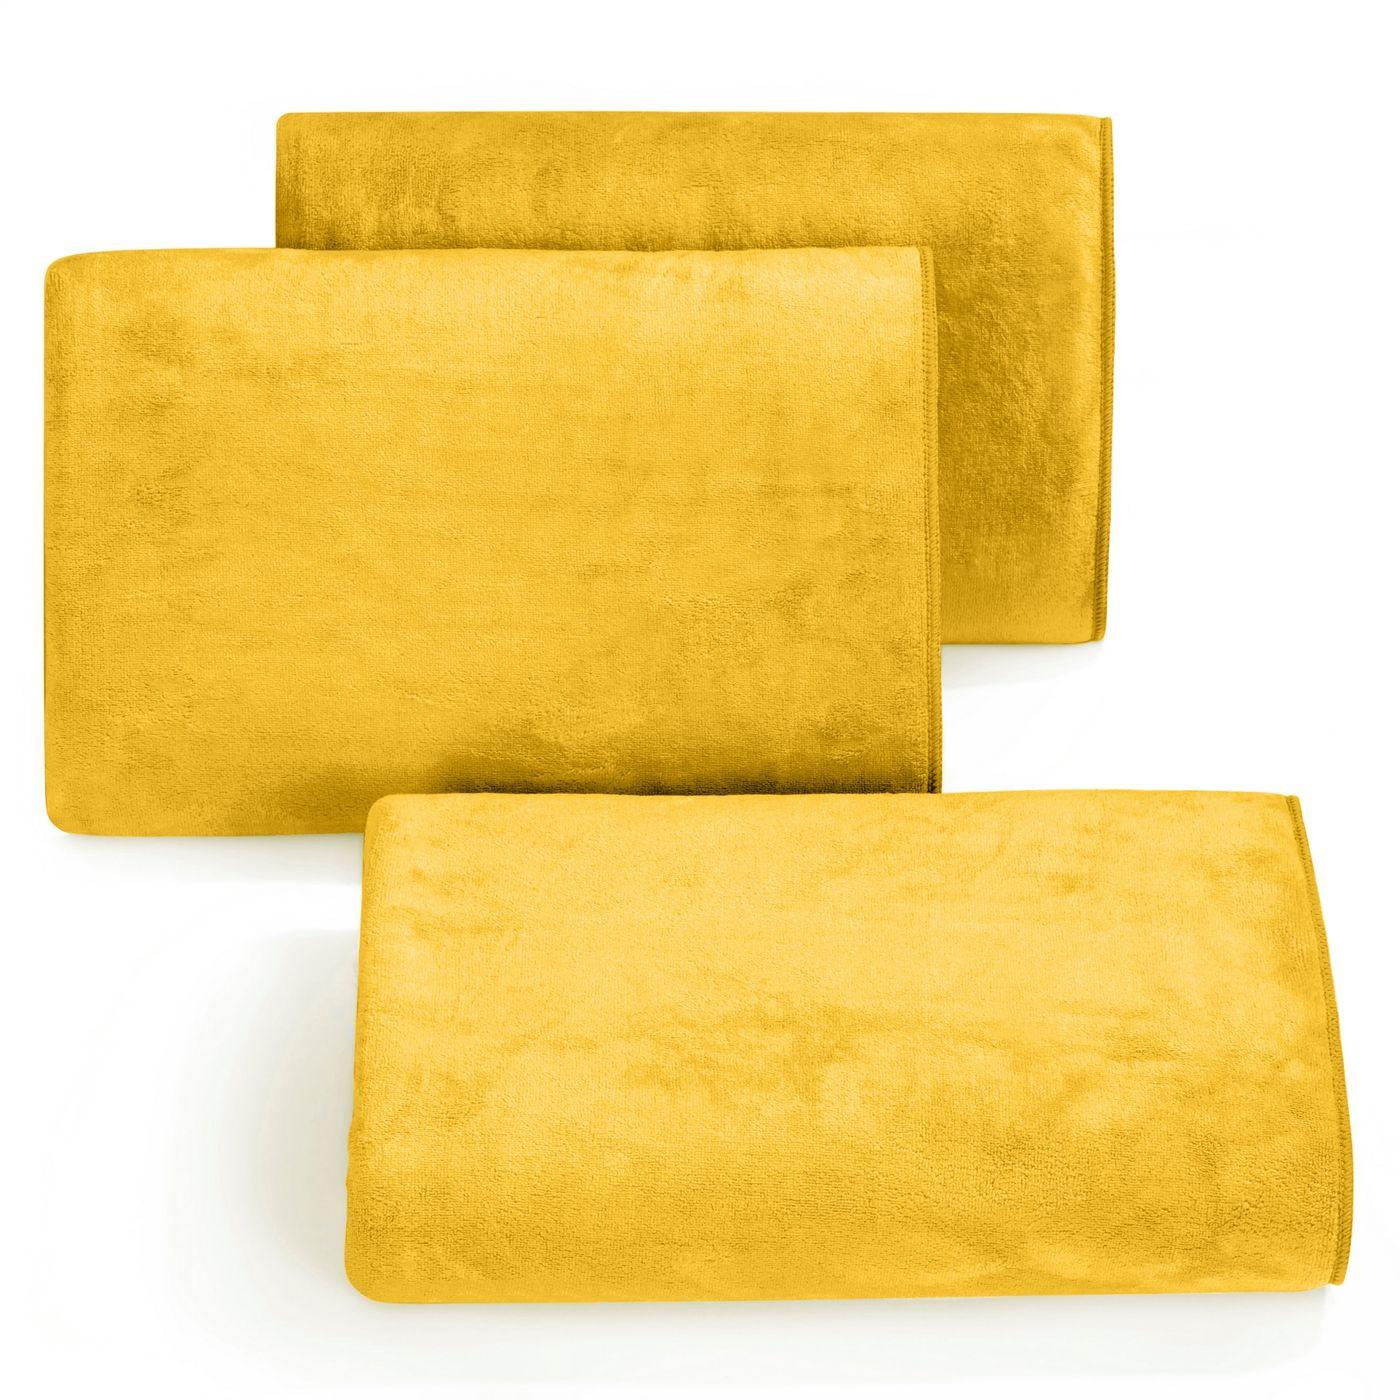 Ręcznik z mikrofibry szybkoschnący musztardowy 70x140cm